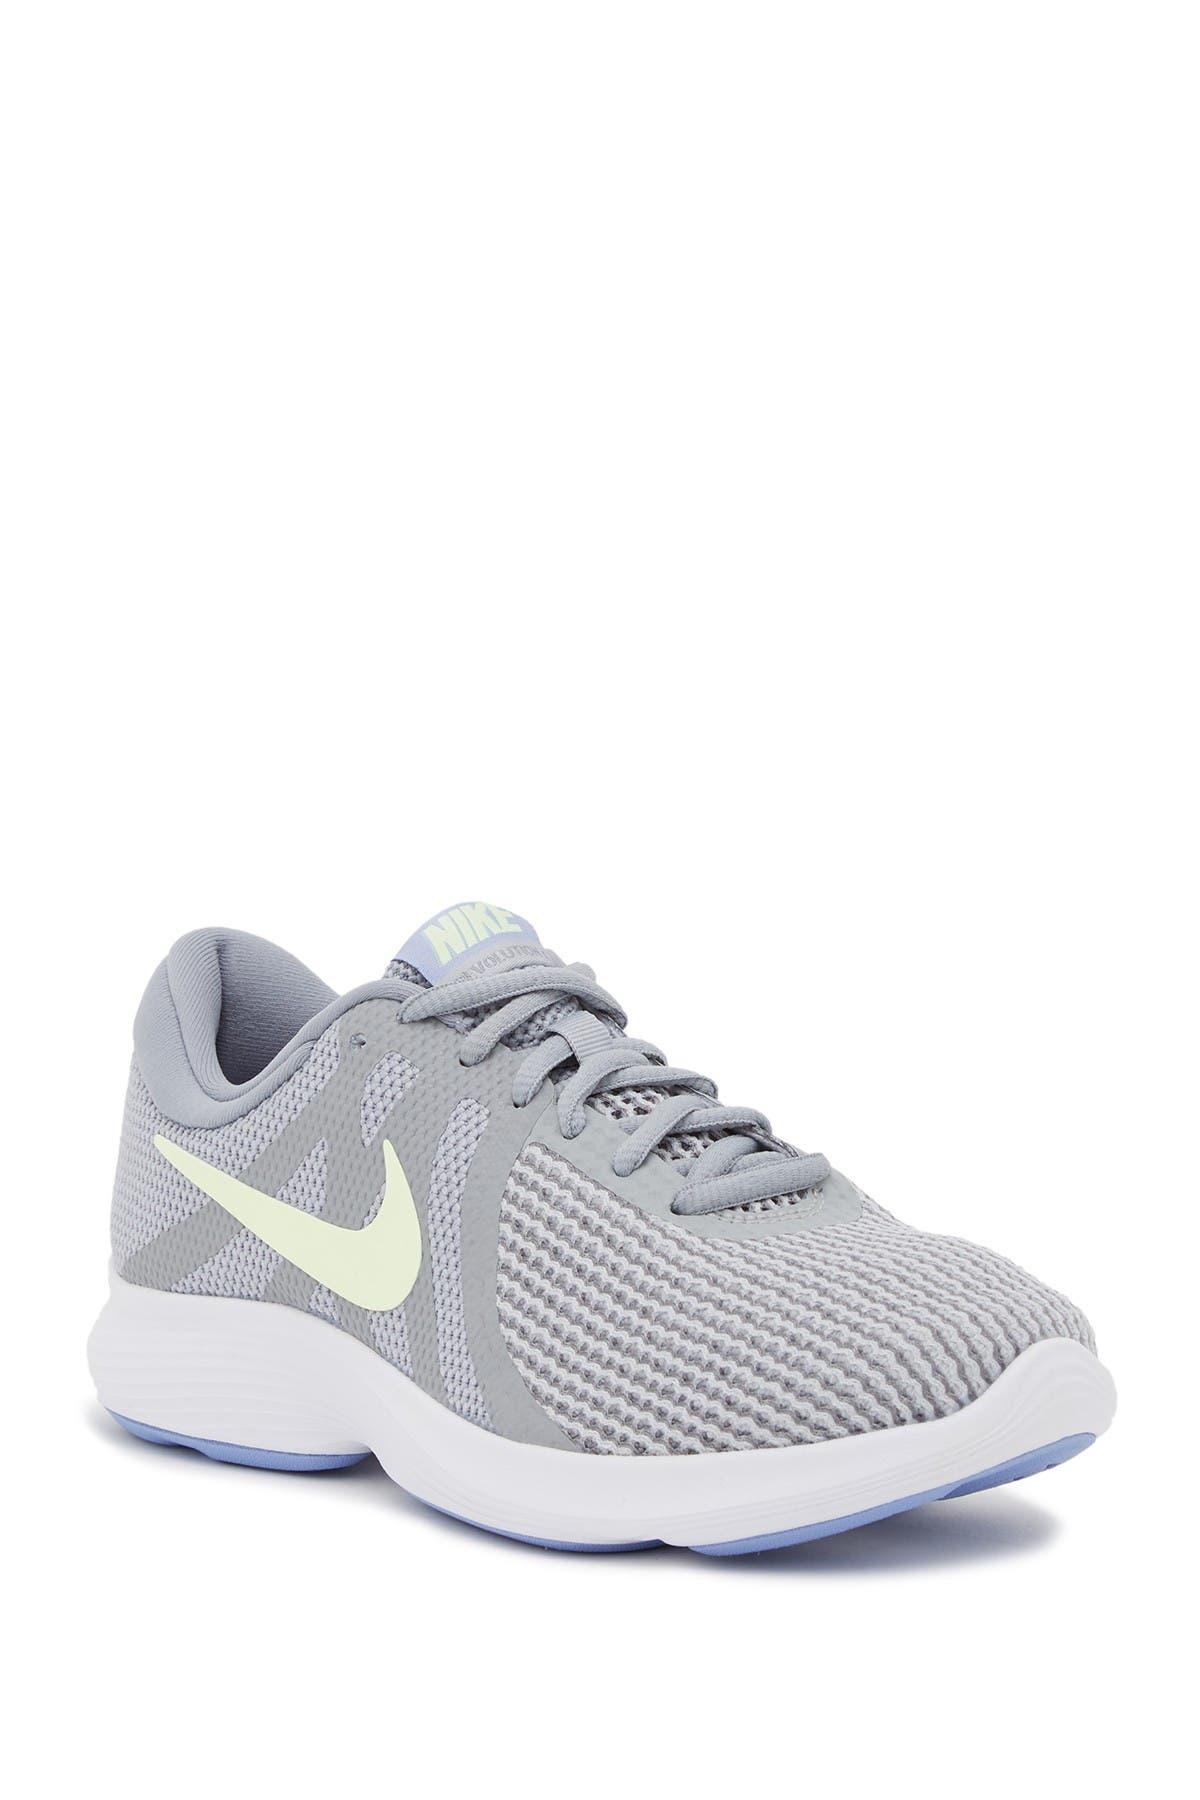 Ceder el paso Exclusión Semicírculo  Nike | Revolution 4 Running Sneaker | Nordstrom Rack